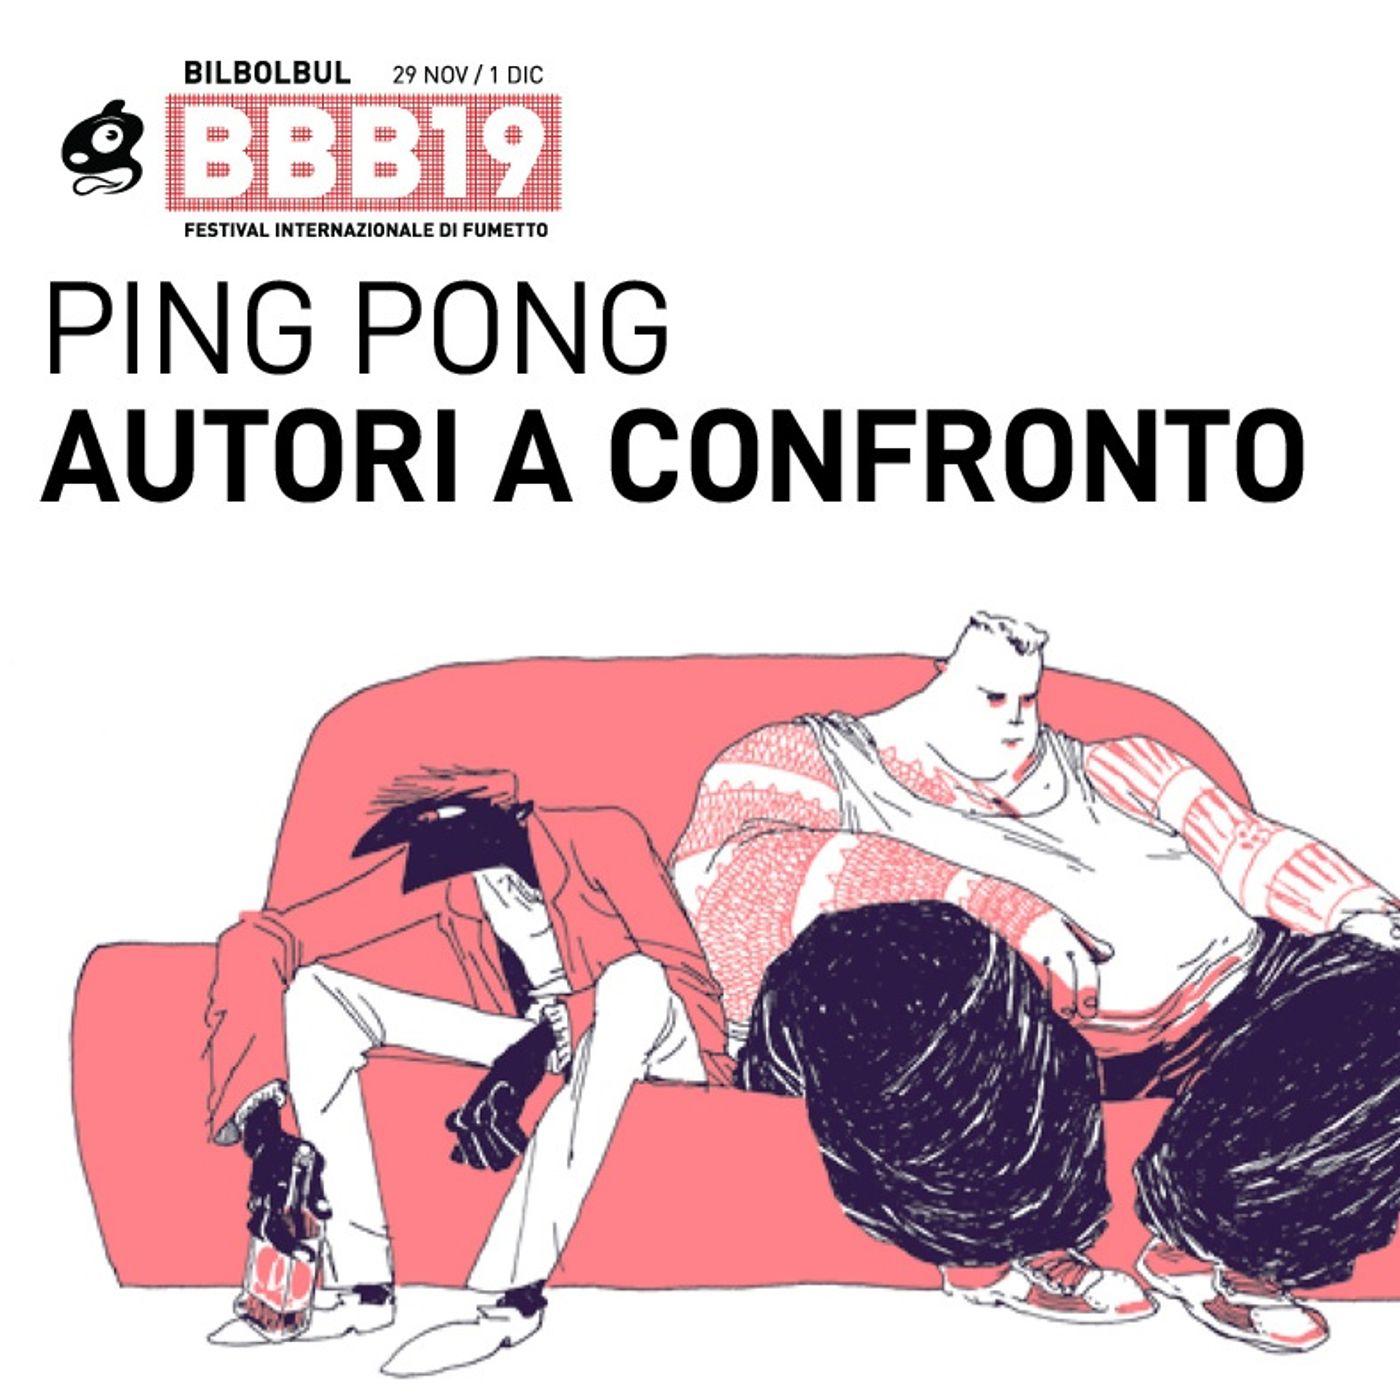 [Ping Pong] Fabrizio Dori e Vincenzo Filosa